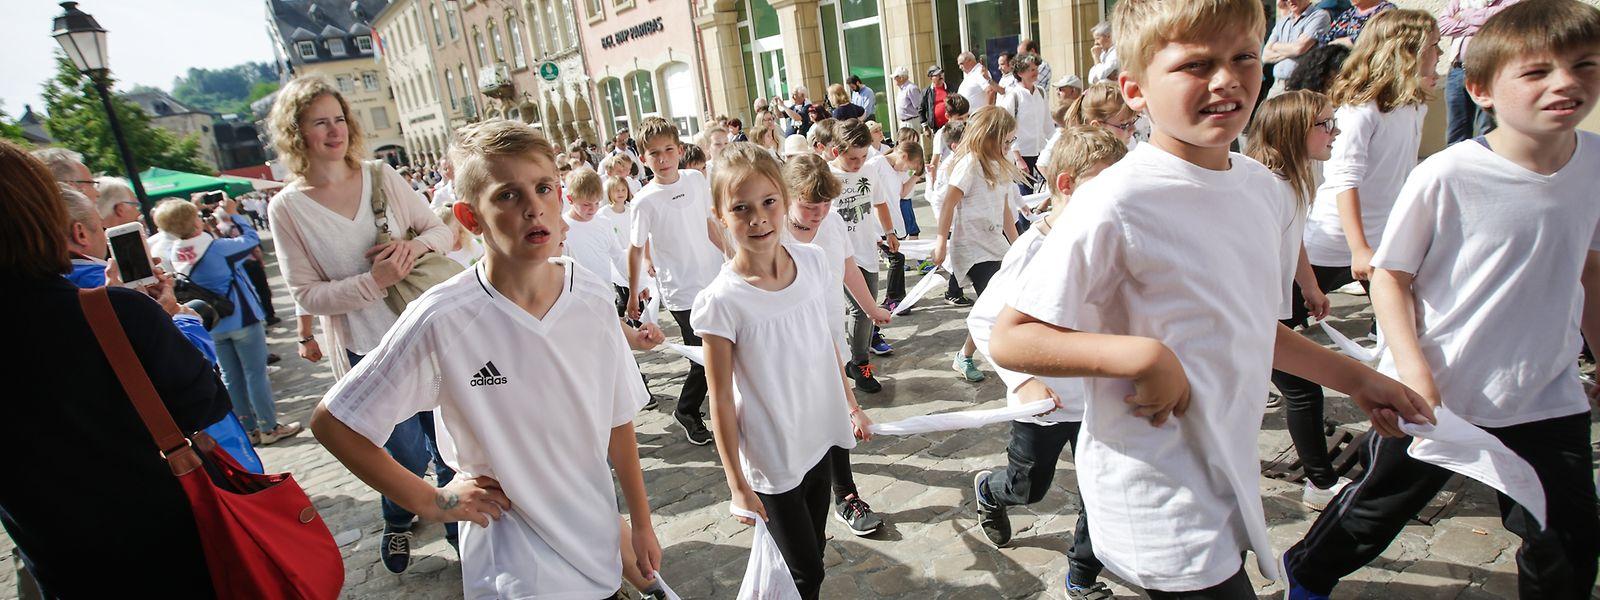 Les pétitionnaires ont demandé l'instauration d'un jour férié pour les élèves le jour de la procession dansante.